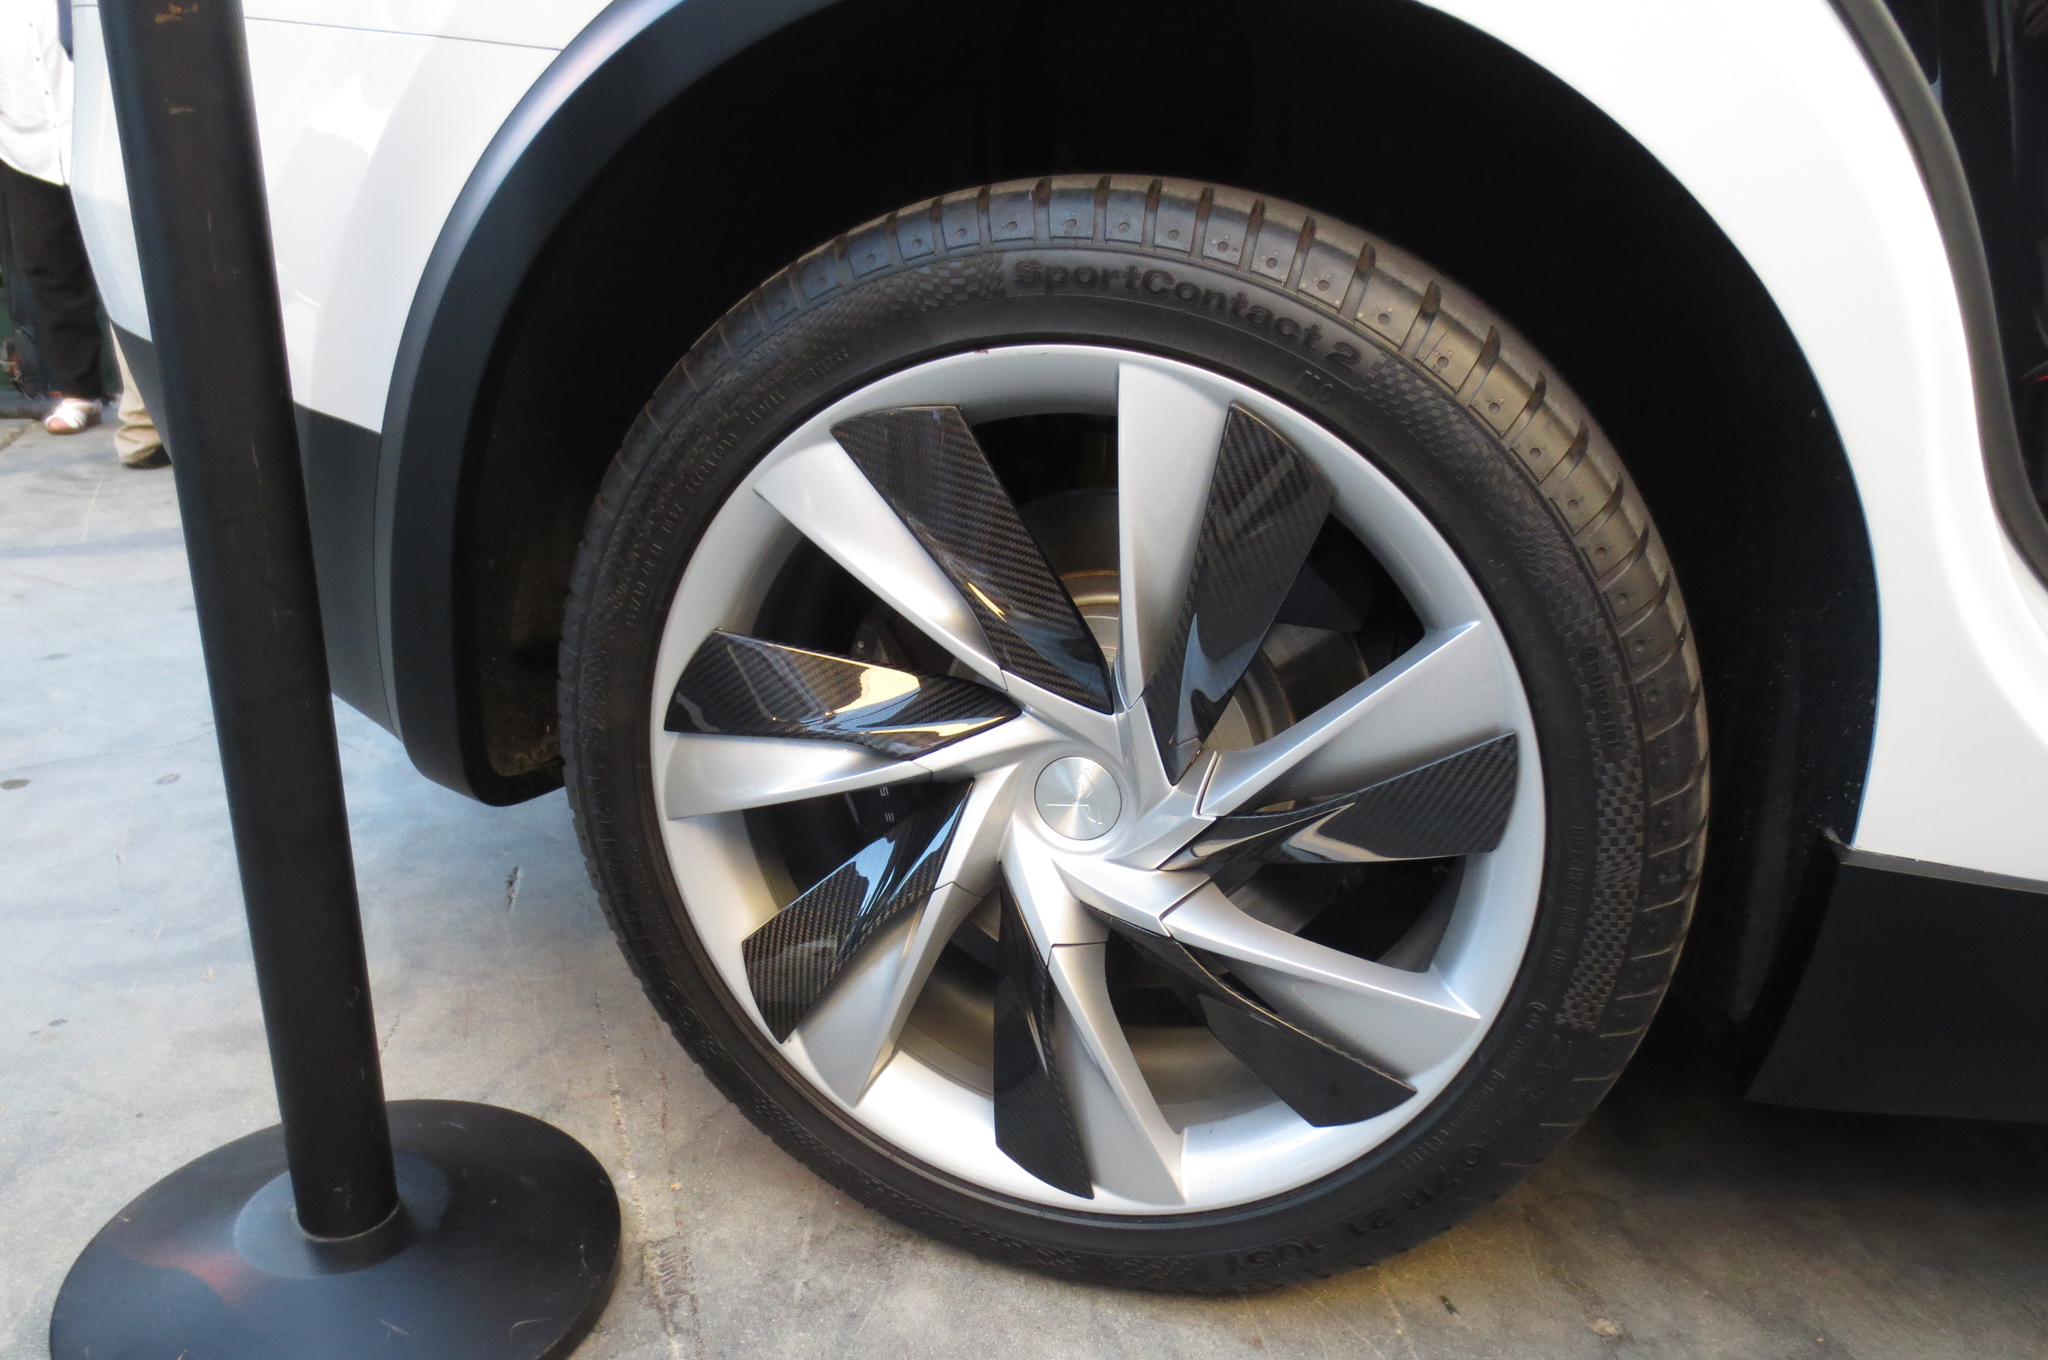 Tesla-Model-X-rear-wheel-at-Battery-Swap-Event-1.jpg